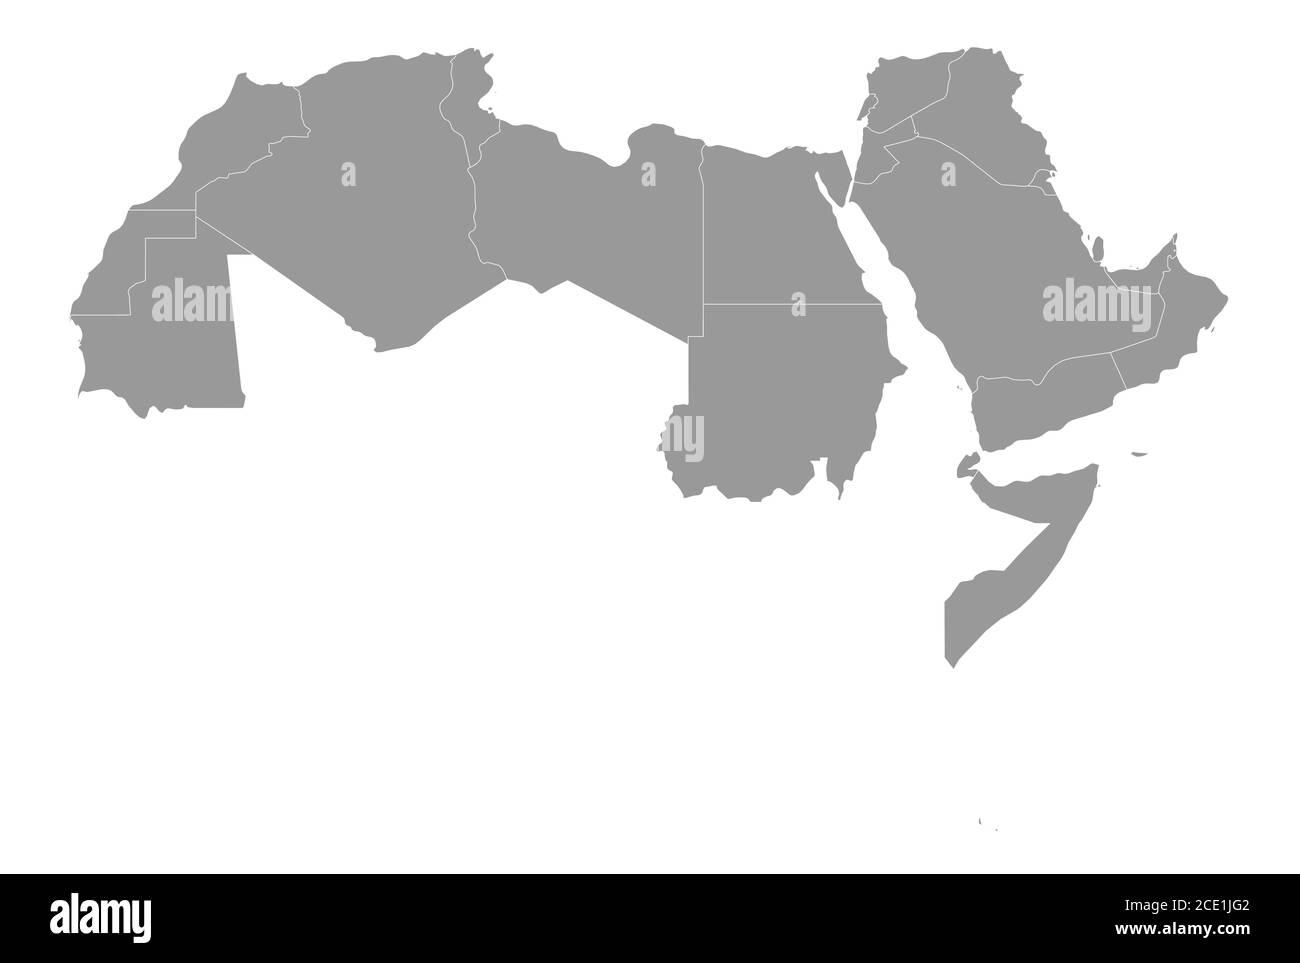 Cartina Degli Stati Del Mondo.Mappa Politica Degli Stati Del Mondo Arabo Con 22 Paesi Di Lingua Araba Illuminati Africa Settentrionale E Medio Oriente Illustrazione Vettoriale Immagine E Vettoriale Alamy